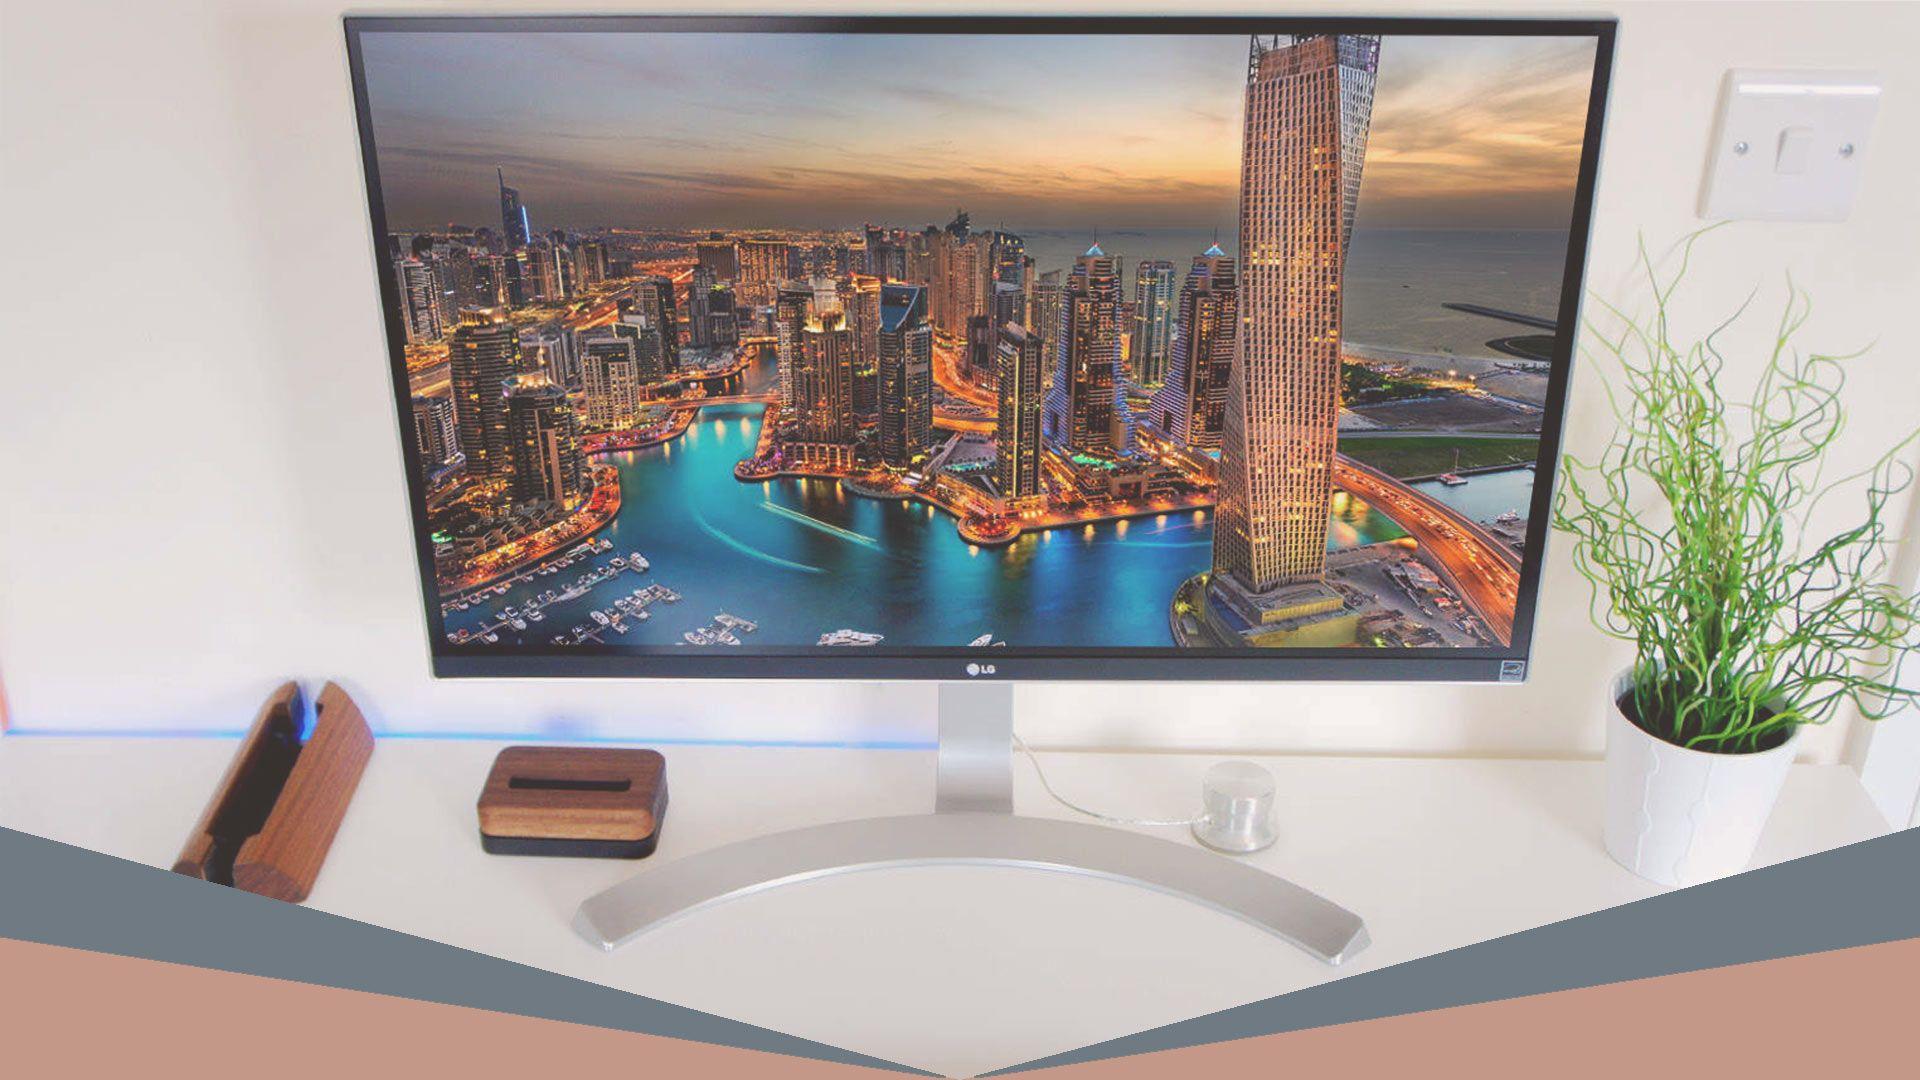 LG 4K UHD IPS Monitor ($450)